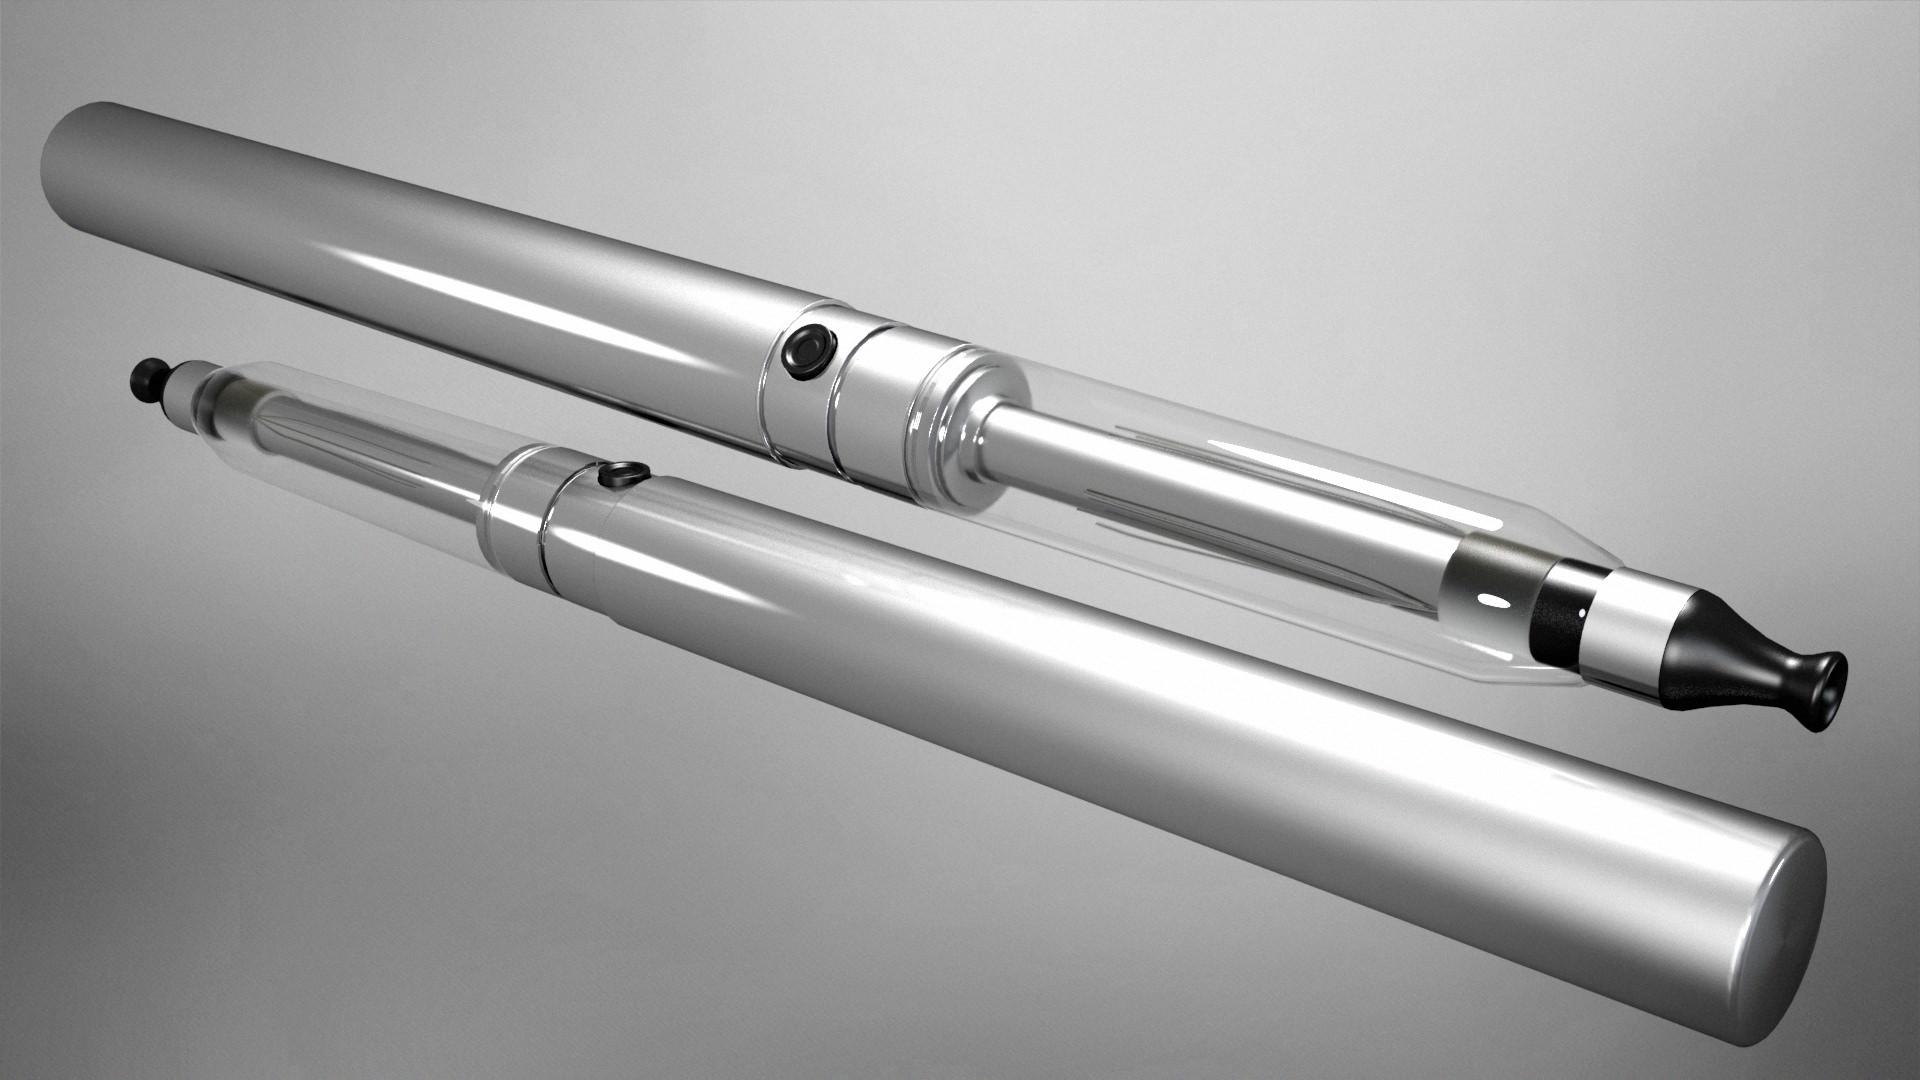 Electronic Cigarette Vapour 3D Model MAX OBJ 3DS FBX DXF ...